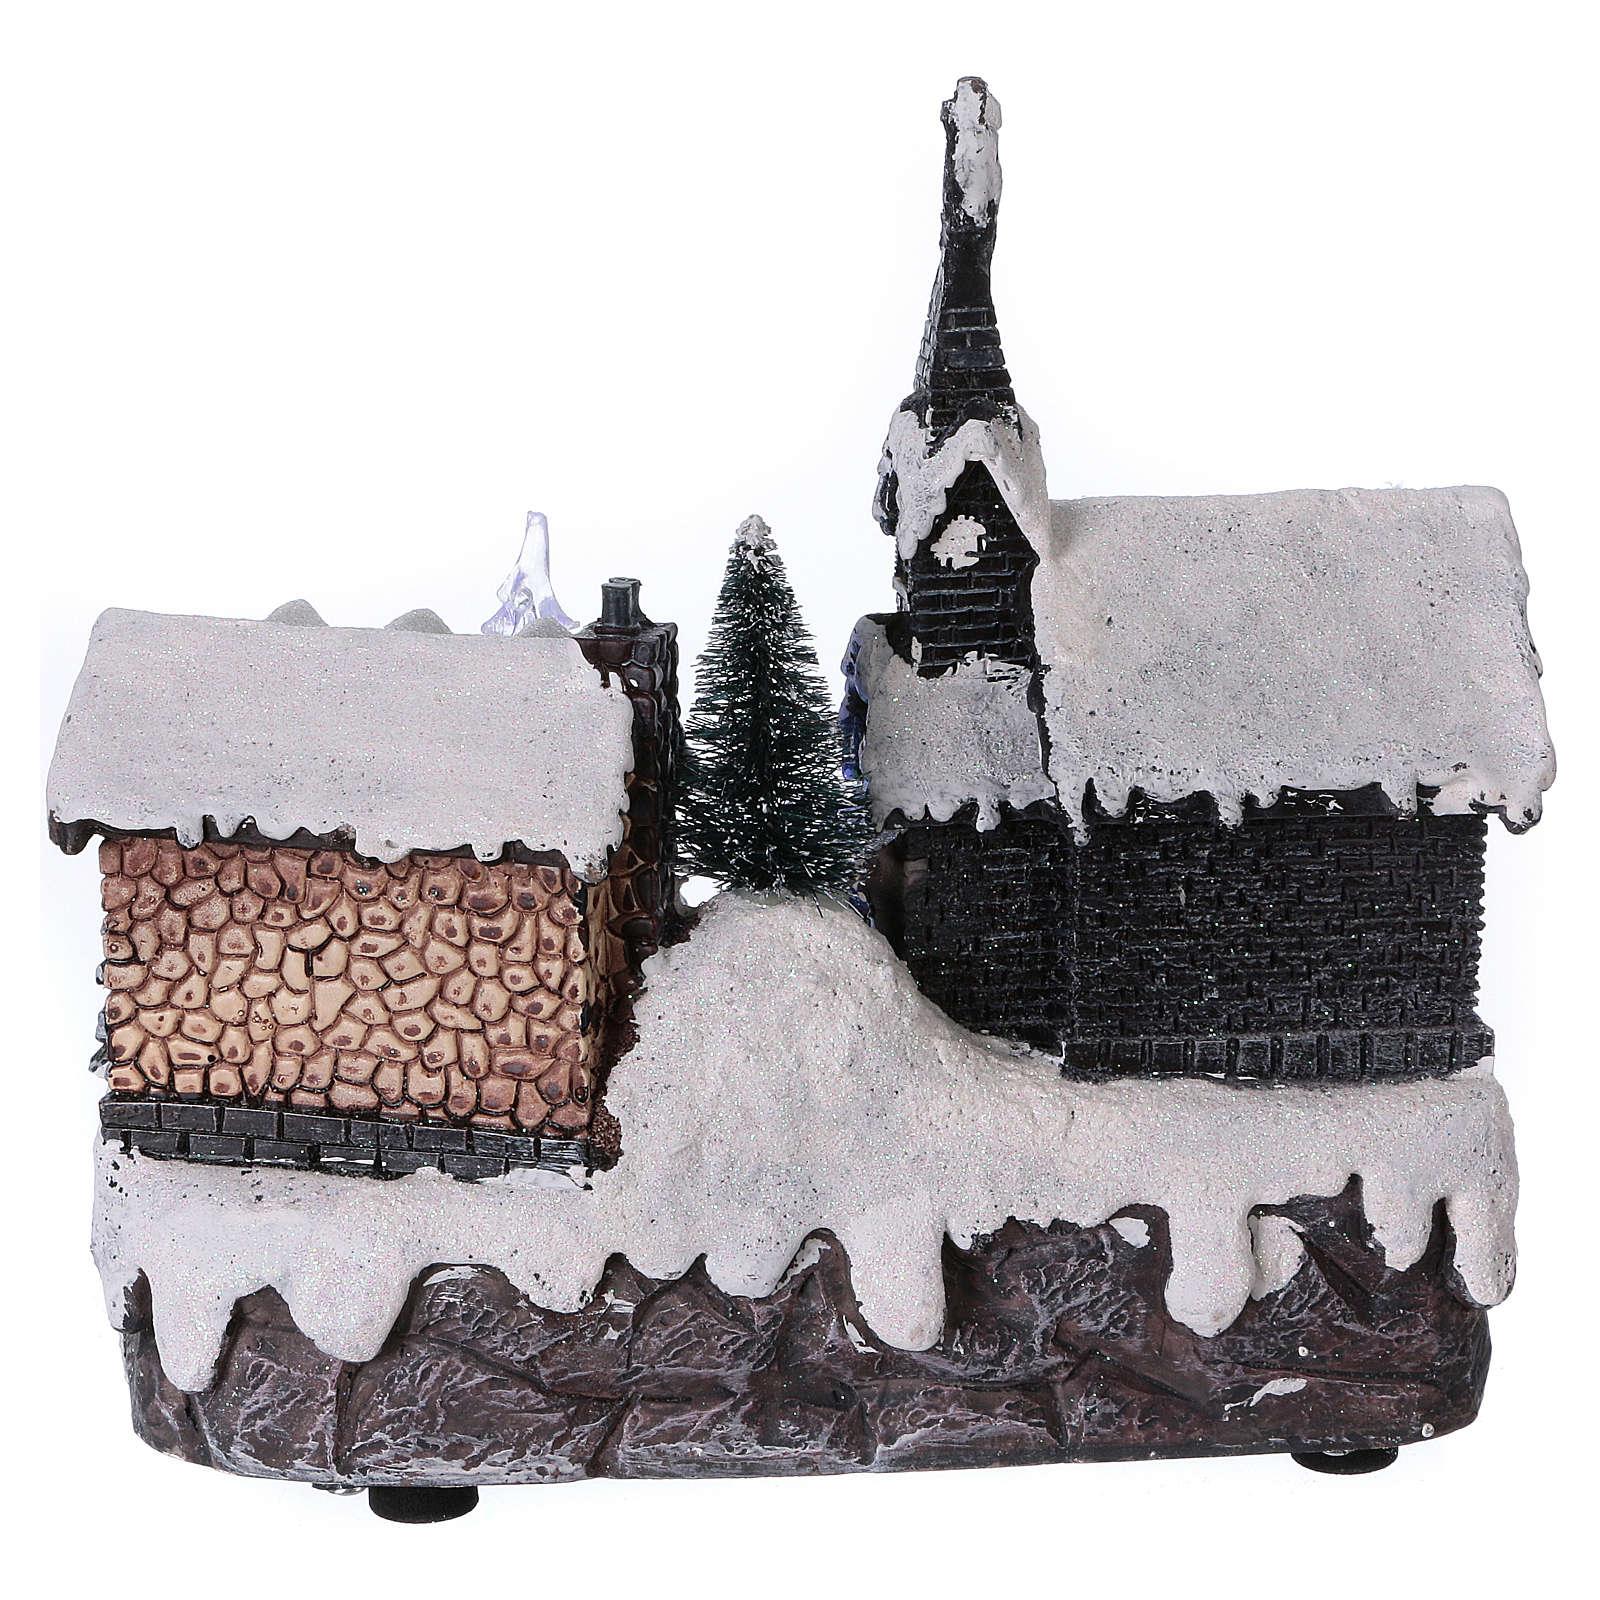 Paysage de Noël 20x20x15 cm sapin en mouvement piles 3